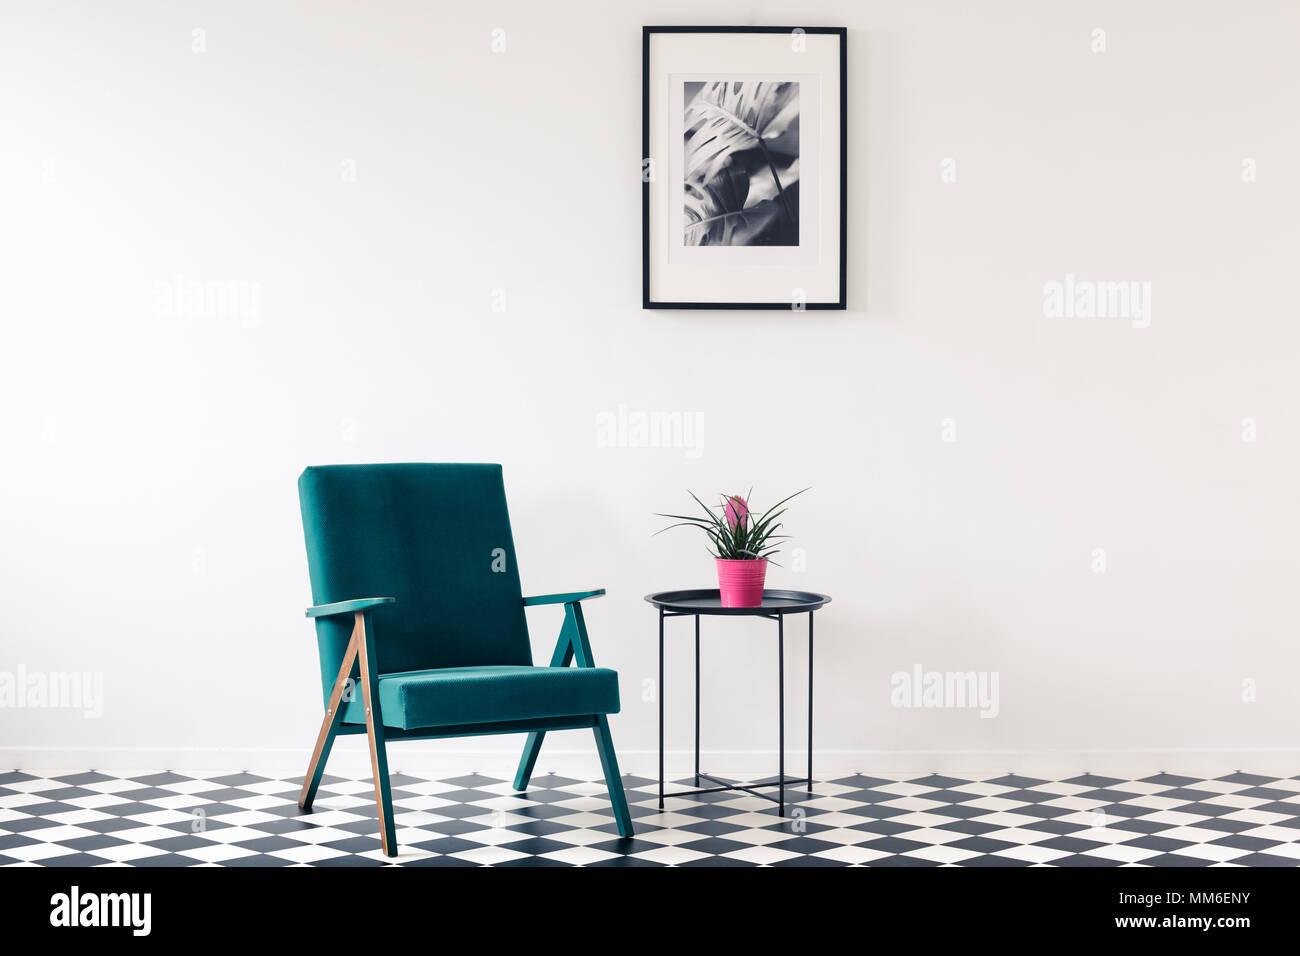 Rosa Blume auf dem Tisch neben einem türkis Sessel auf Schachbrett ...